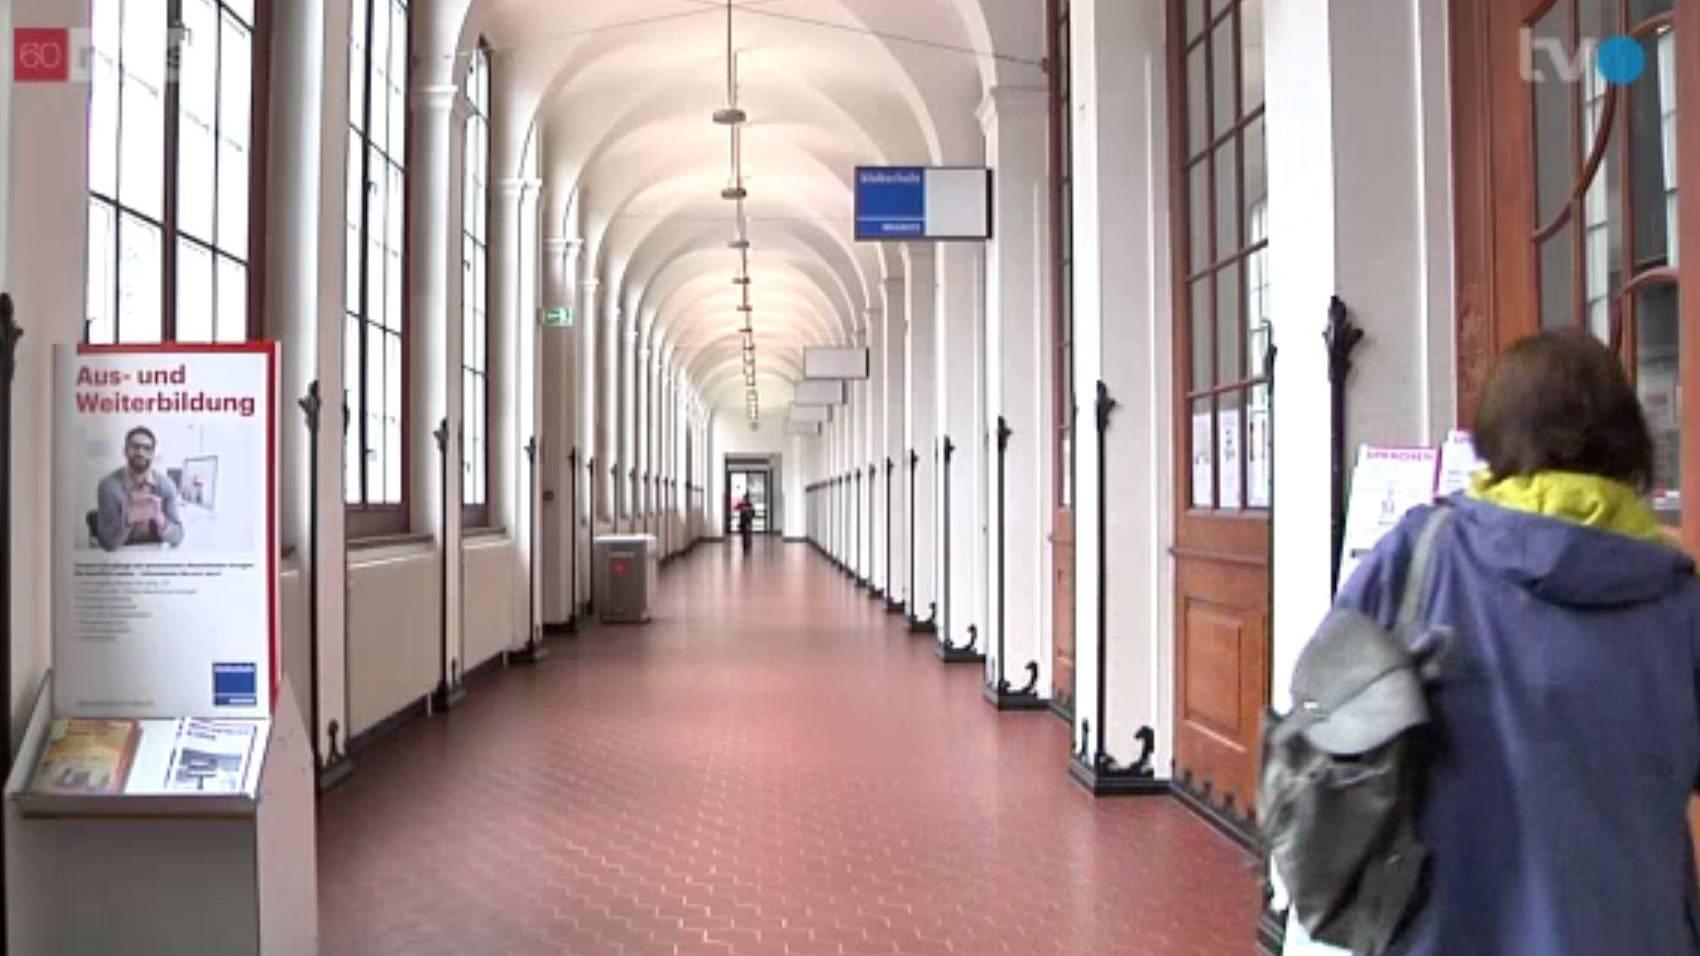 Der Westflügeldes Bahnhofs St.Gallenist verwaist, ab Montag wird umgebaut